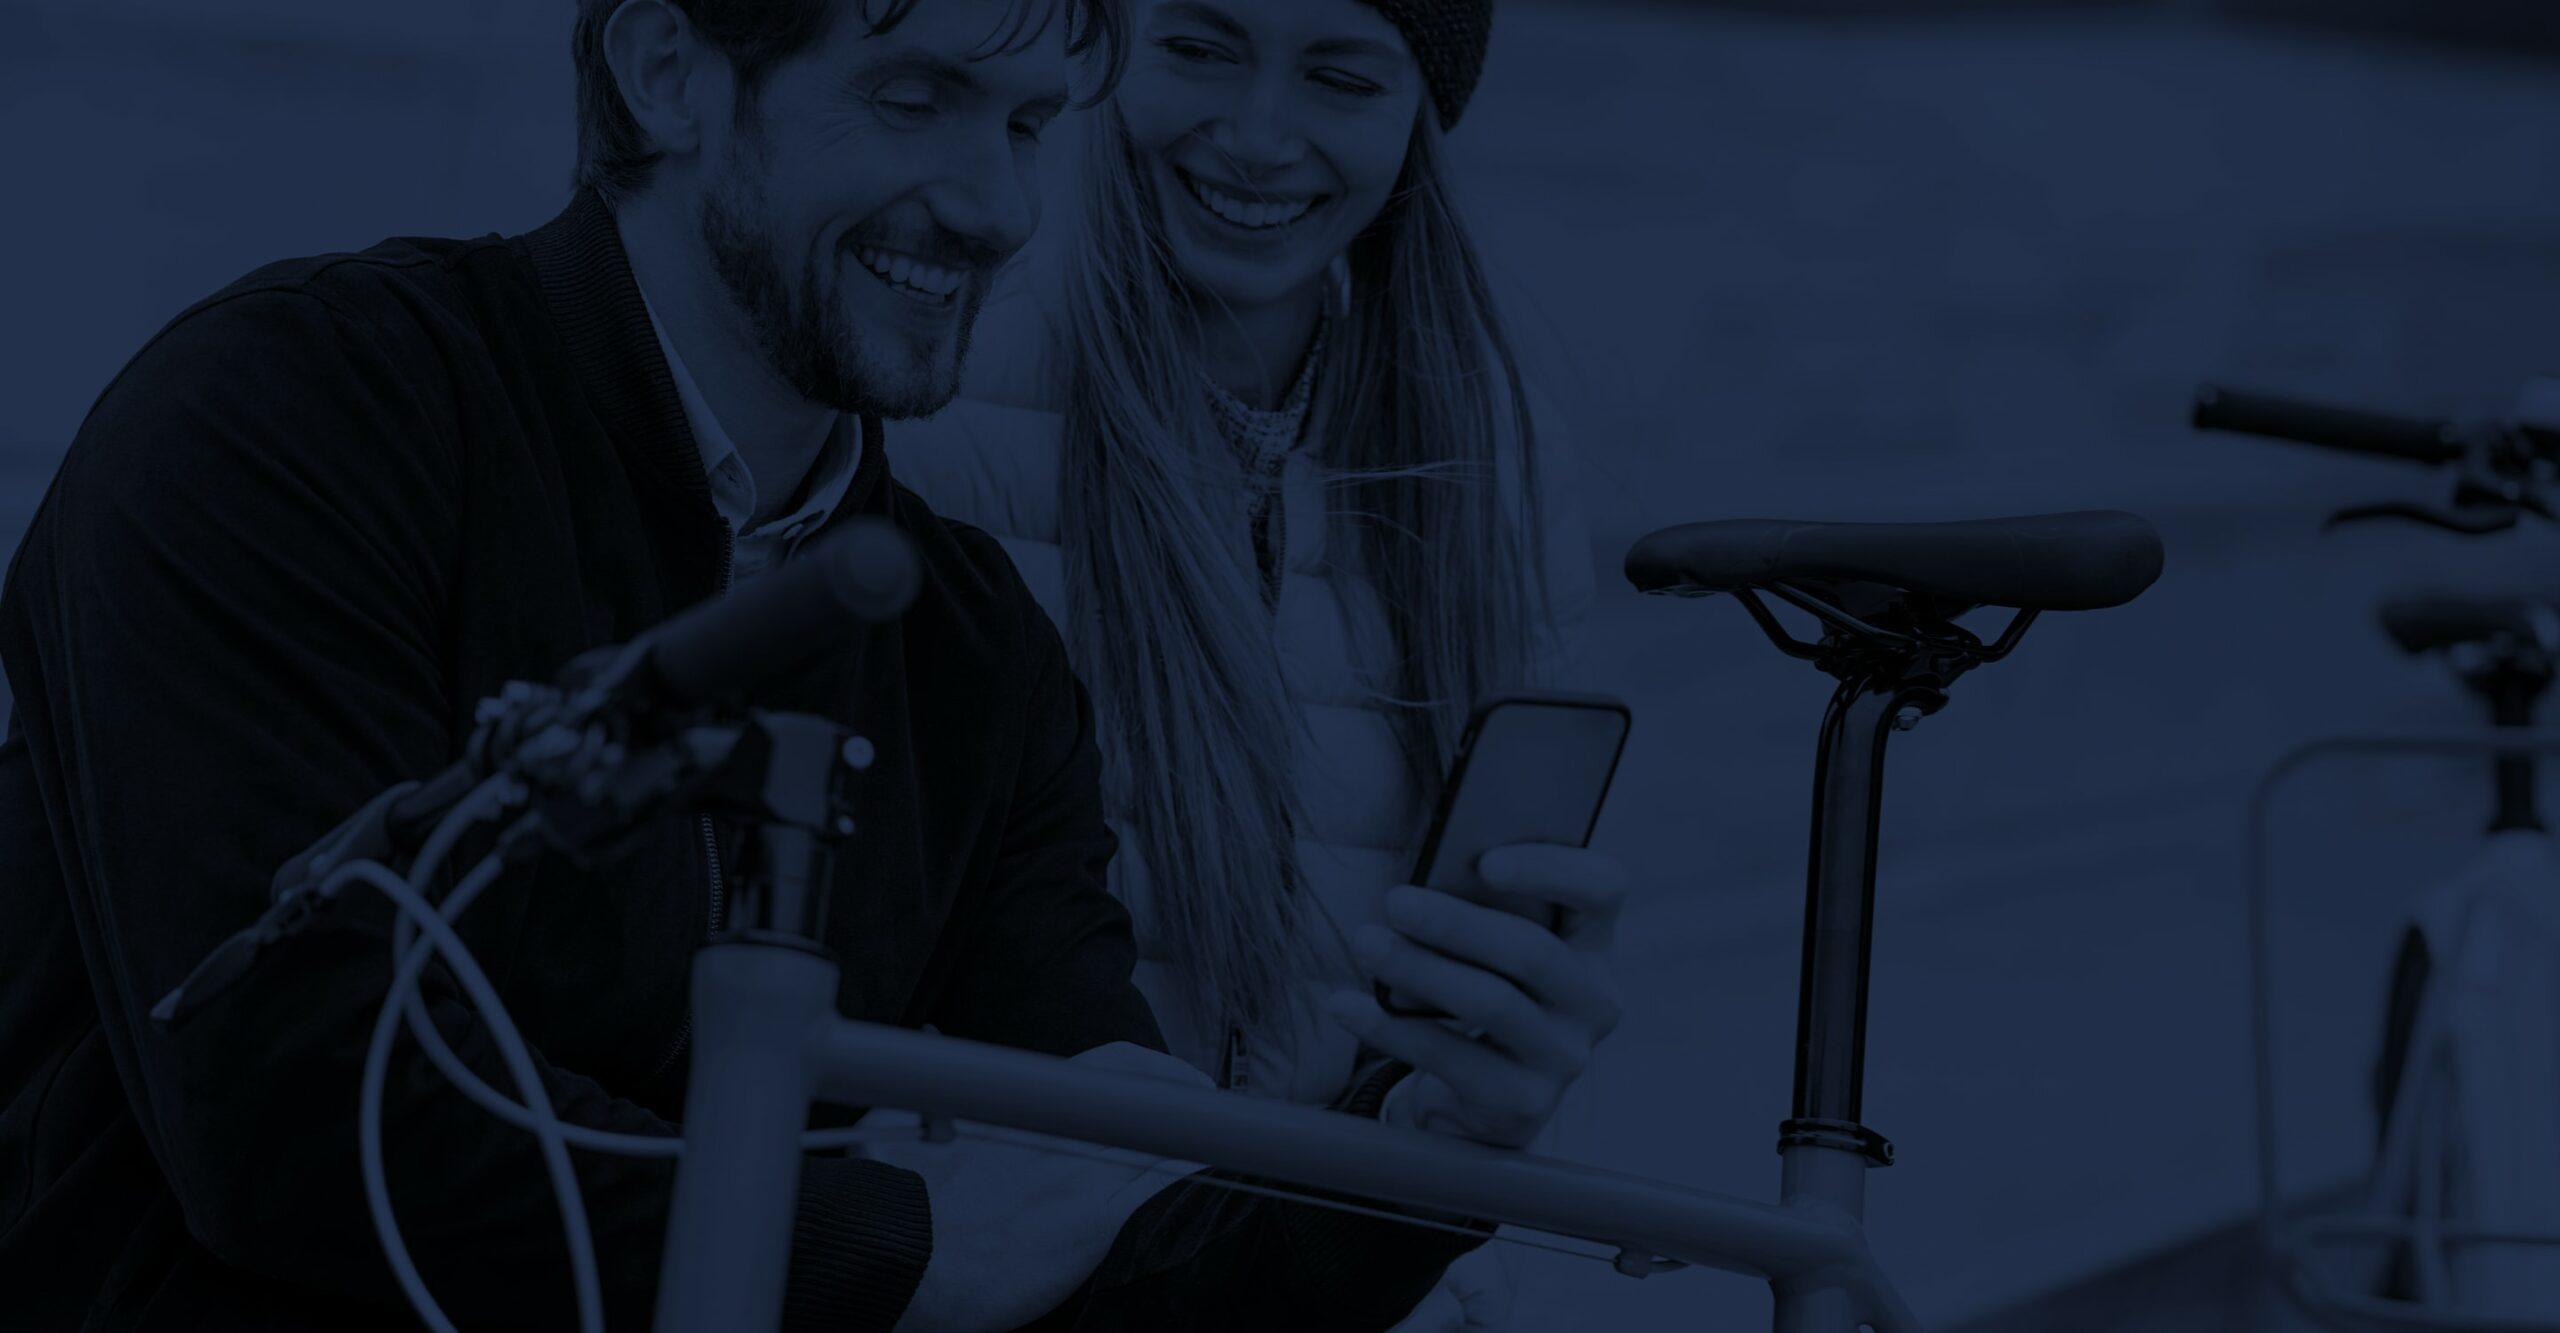 Pärchen sitzt auf einer Parkbank mit einem Fahrrad im Vordergrund